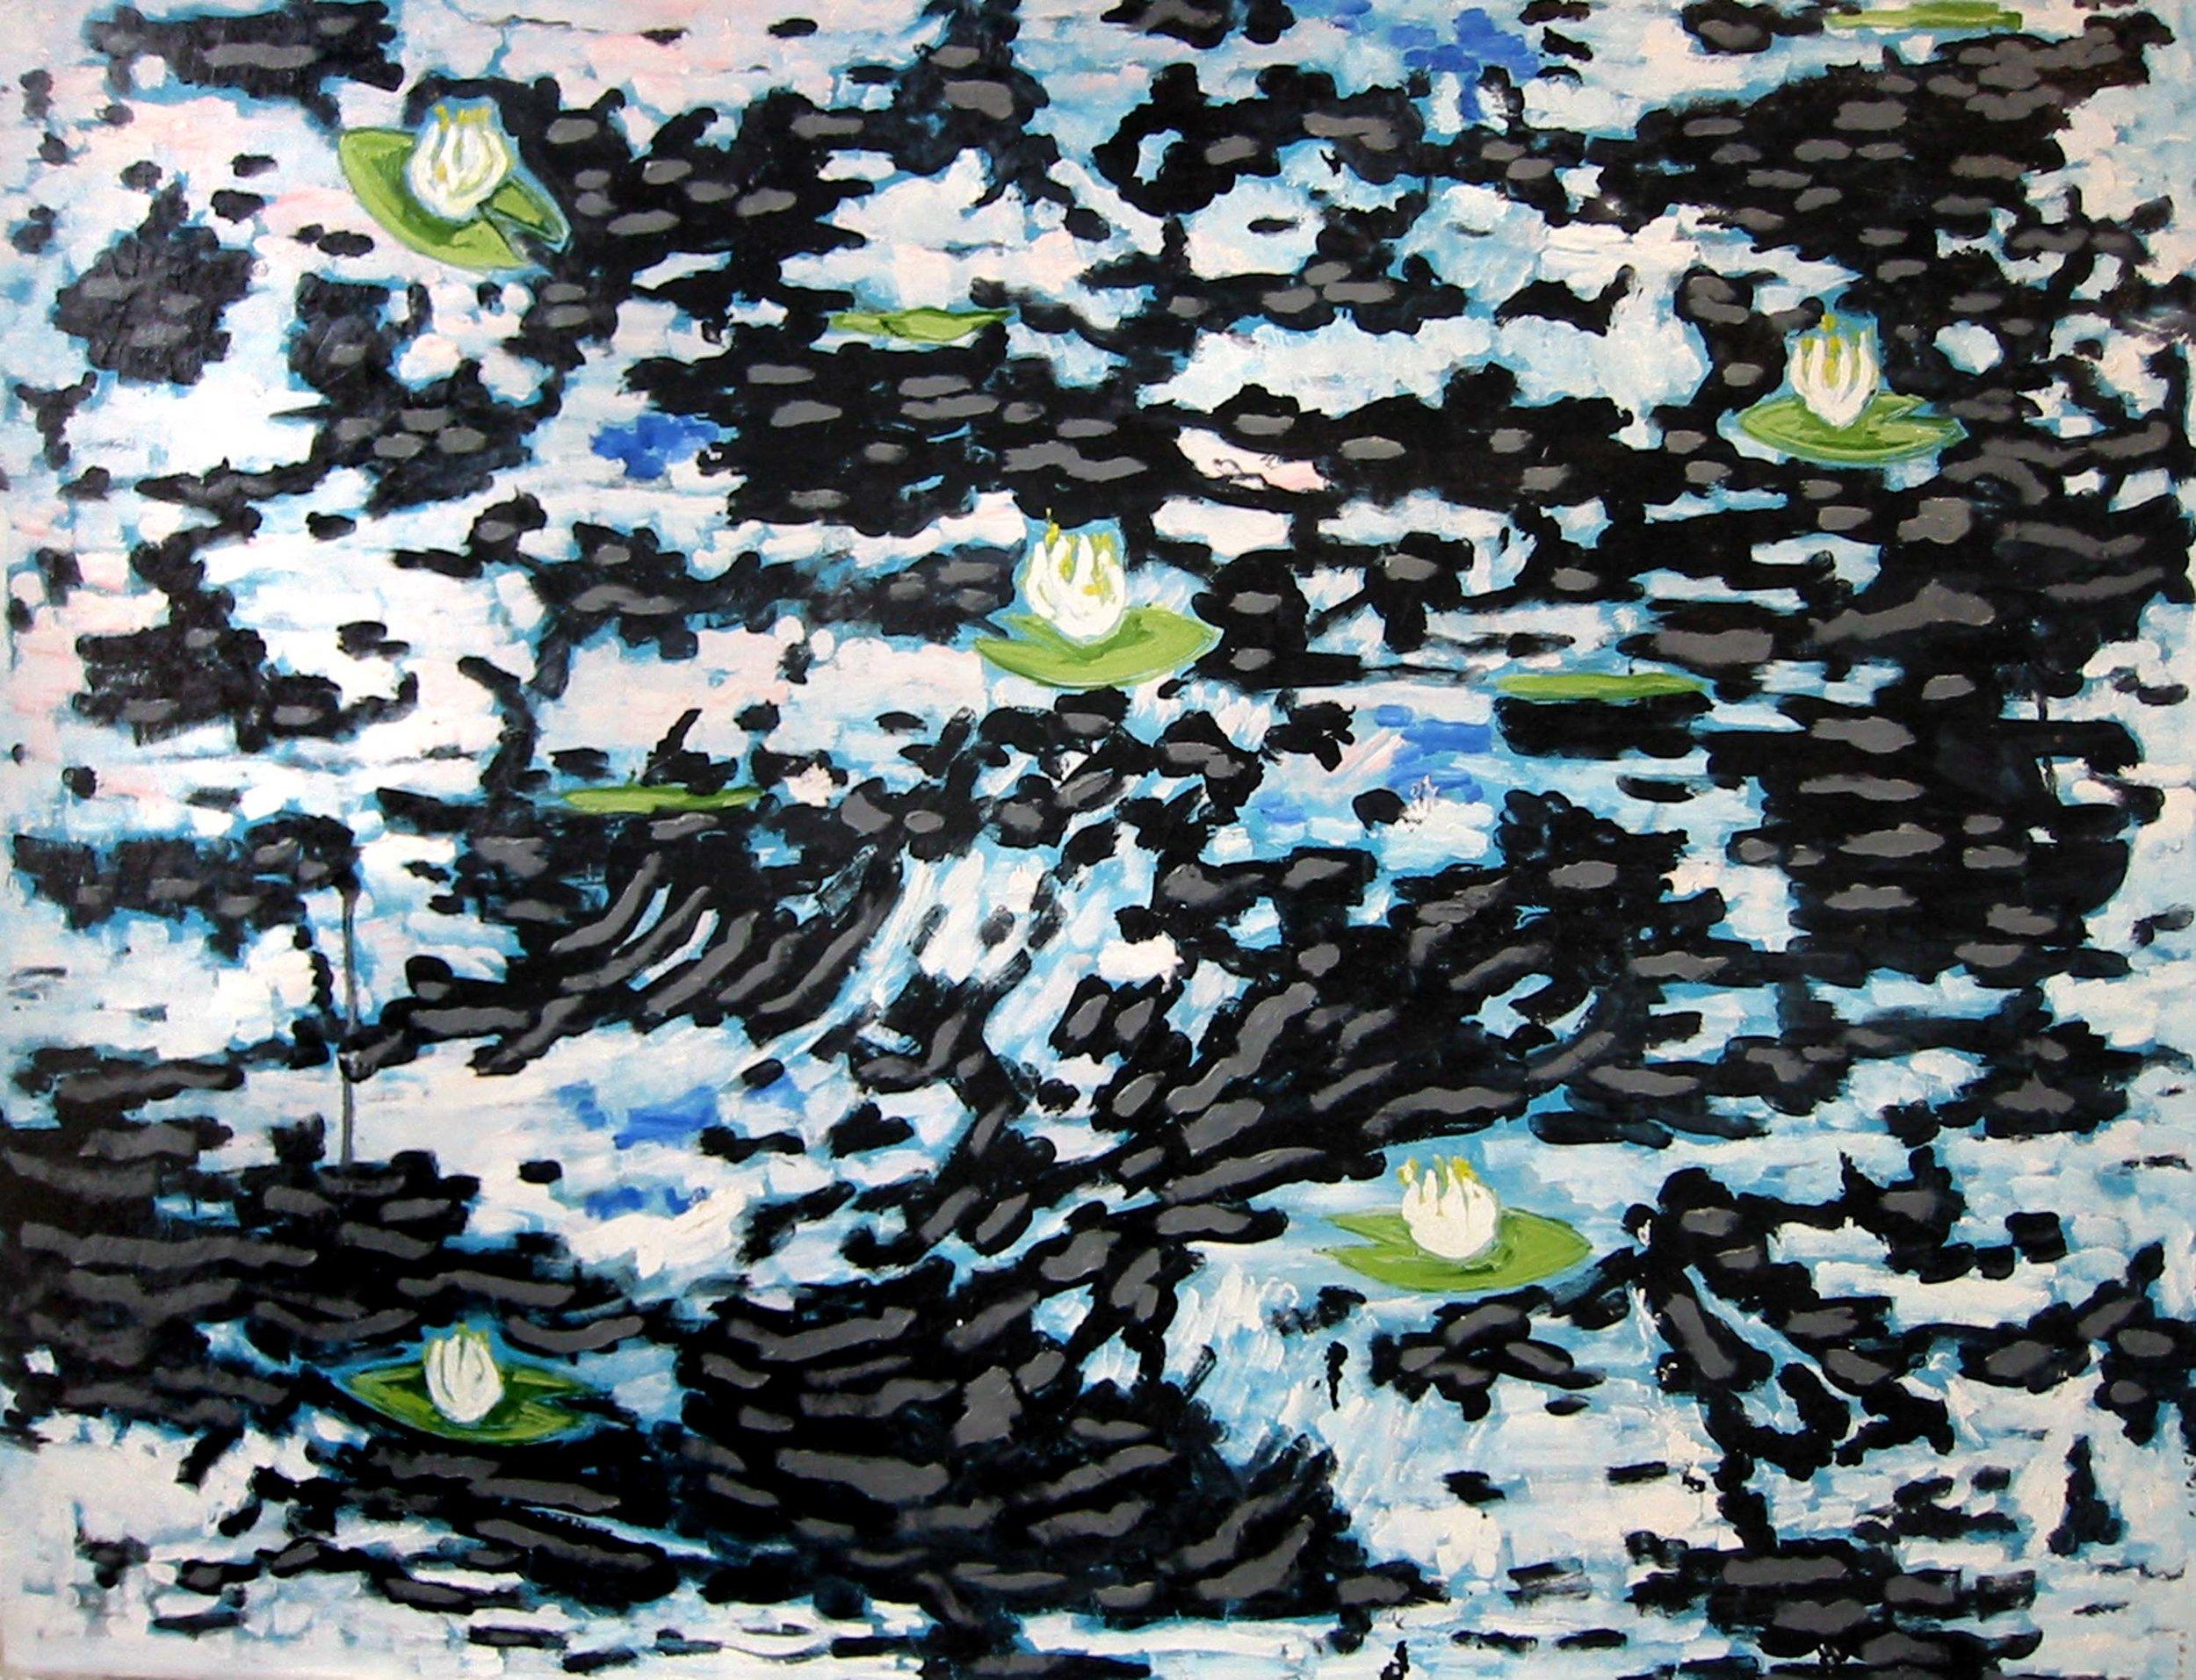 Nénuphars sur l'étang , circa 2005, huile sur toile / oil on canvas